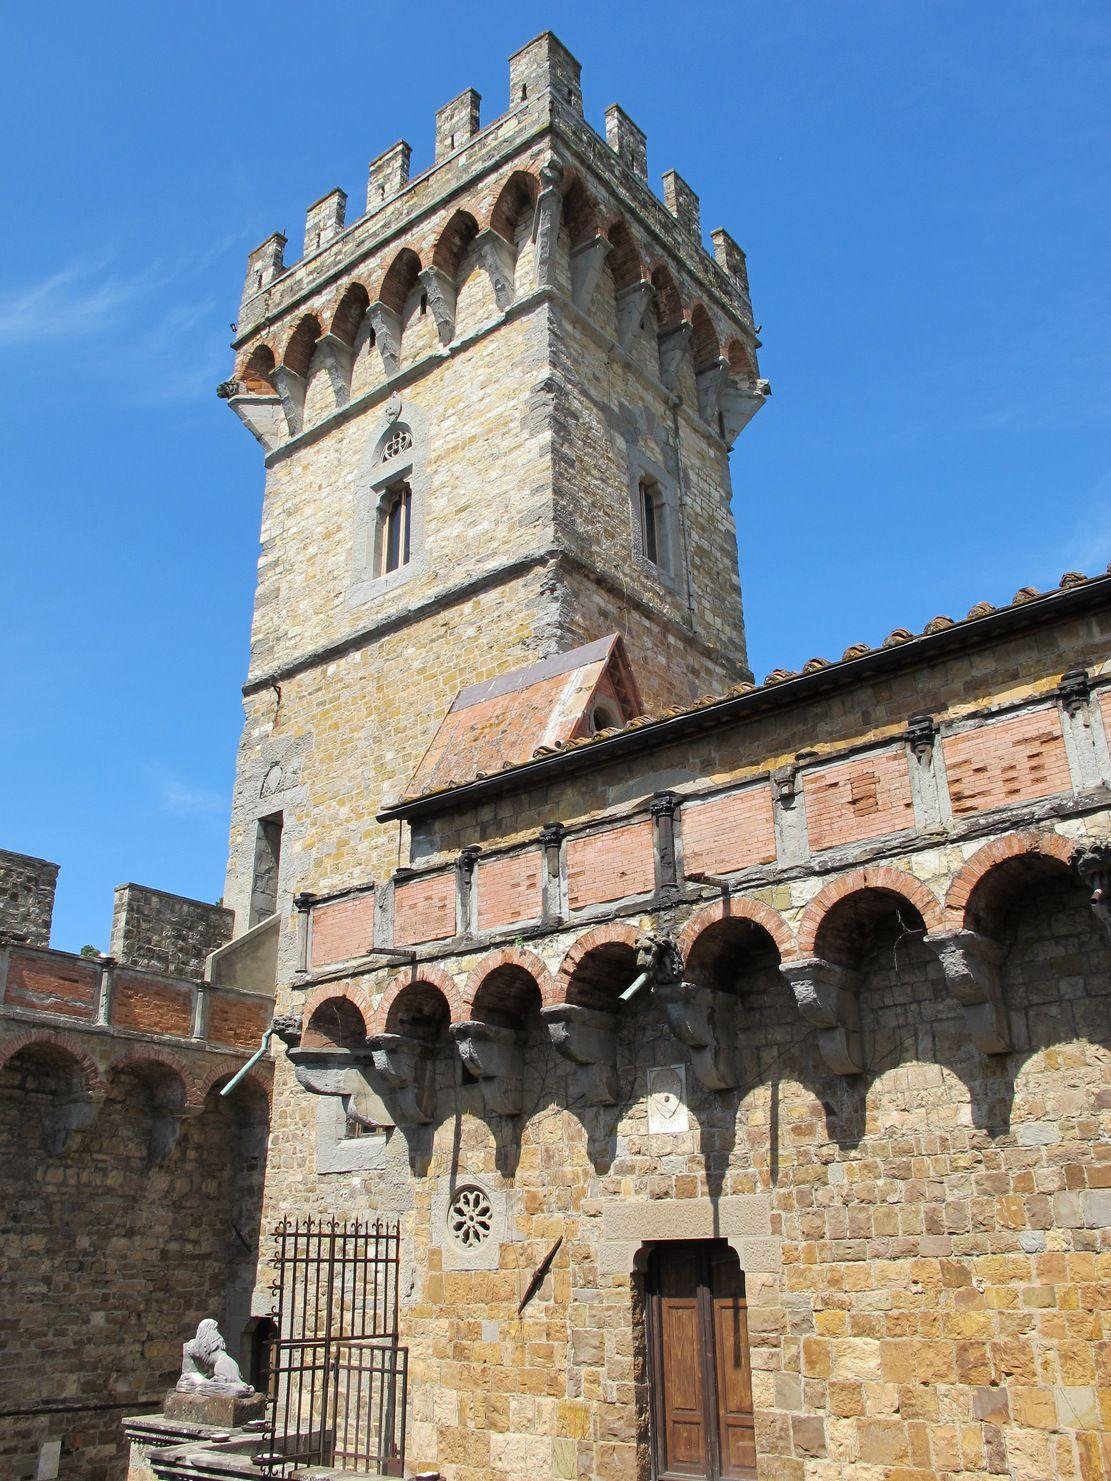 Miejsce uwięzienia naprawdę piękne, ale jak się stamtąd wydostać? To pytanie zadawał sobie de Wiart na zamku Vincigliata (fot. Sailko, lic. CC BY-SA 3.0).